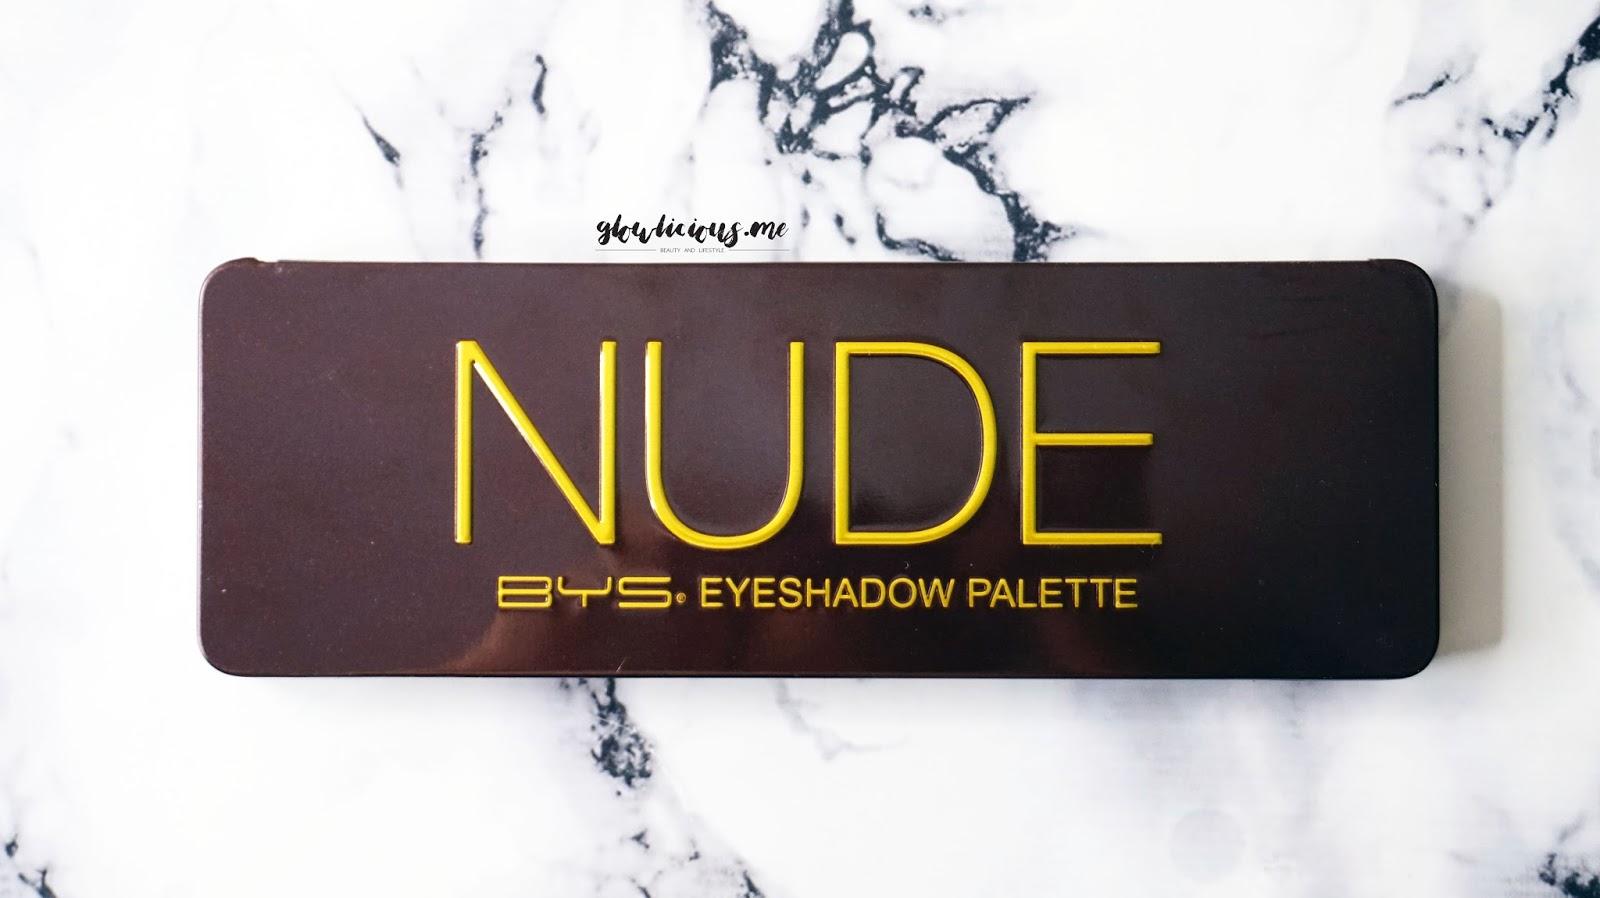 BYS Nude Eyeshadow Palette